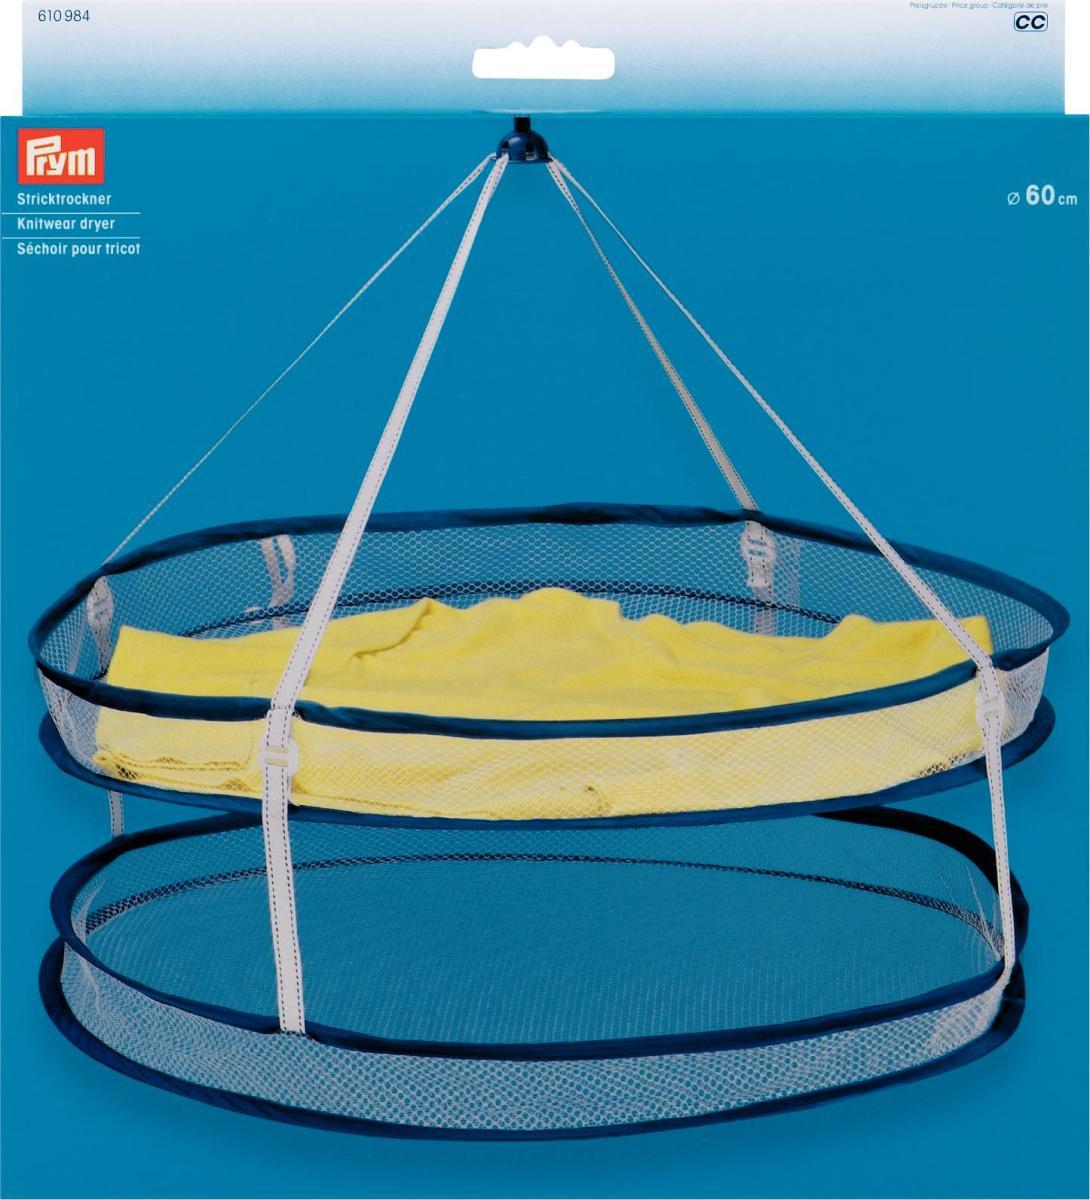 Сушилка для трикотажа  Prym , подвесная, диаметр 60 см - Сушилки для белья